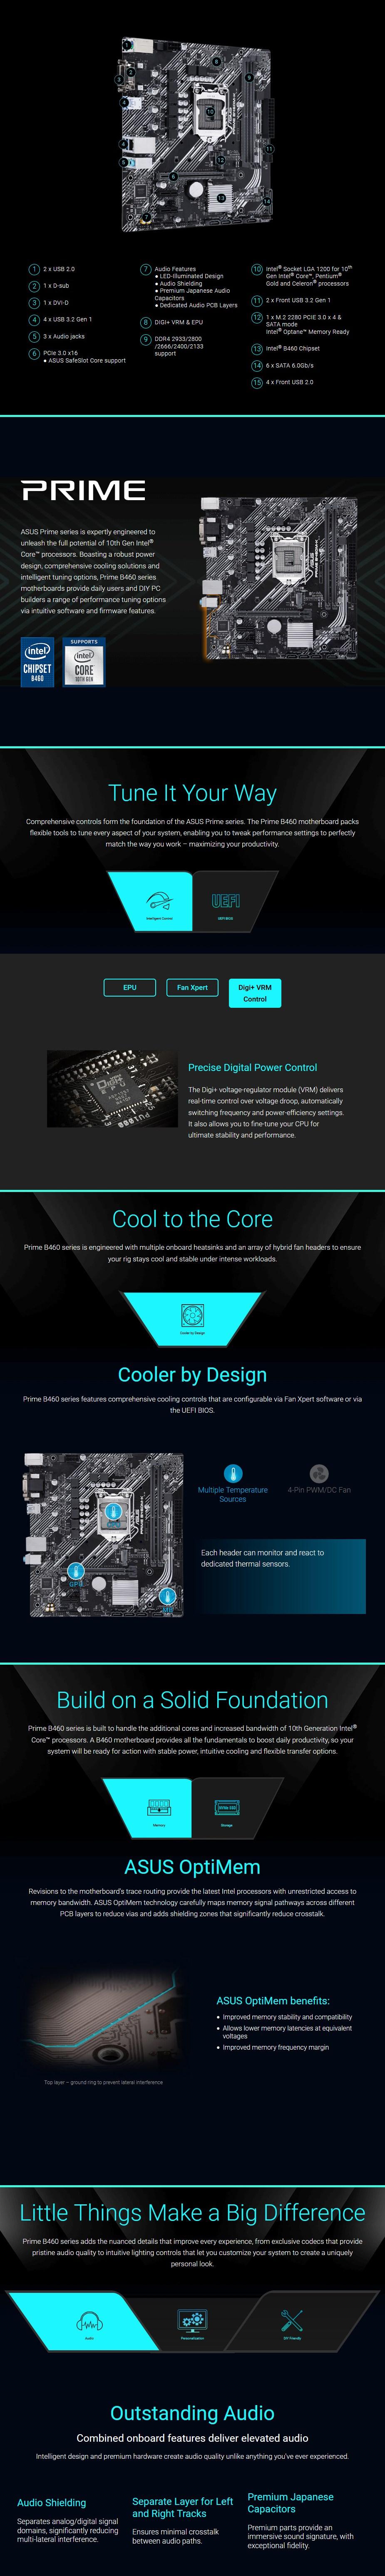 ASUS PRIME B460M-K LGA 1200 Micro-ATX Motherboard - Overview 1